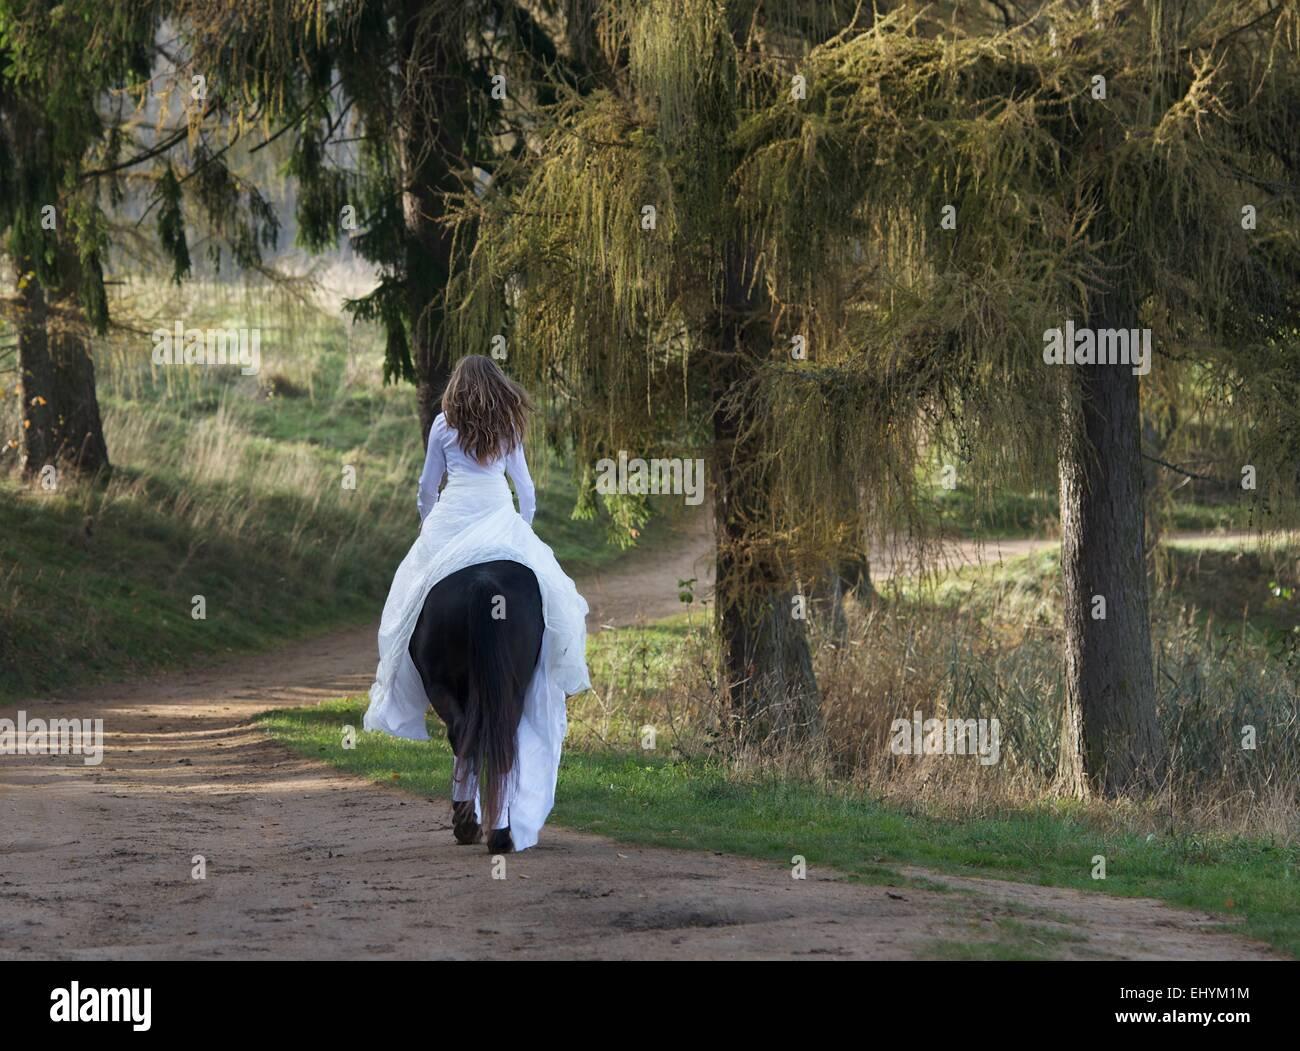 Vista trasera de una mujer madura a caballo en un vestido blanco Imagen De Stock